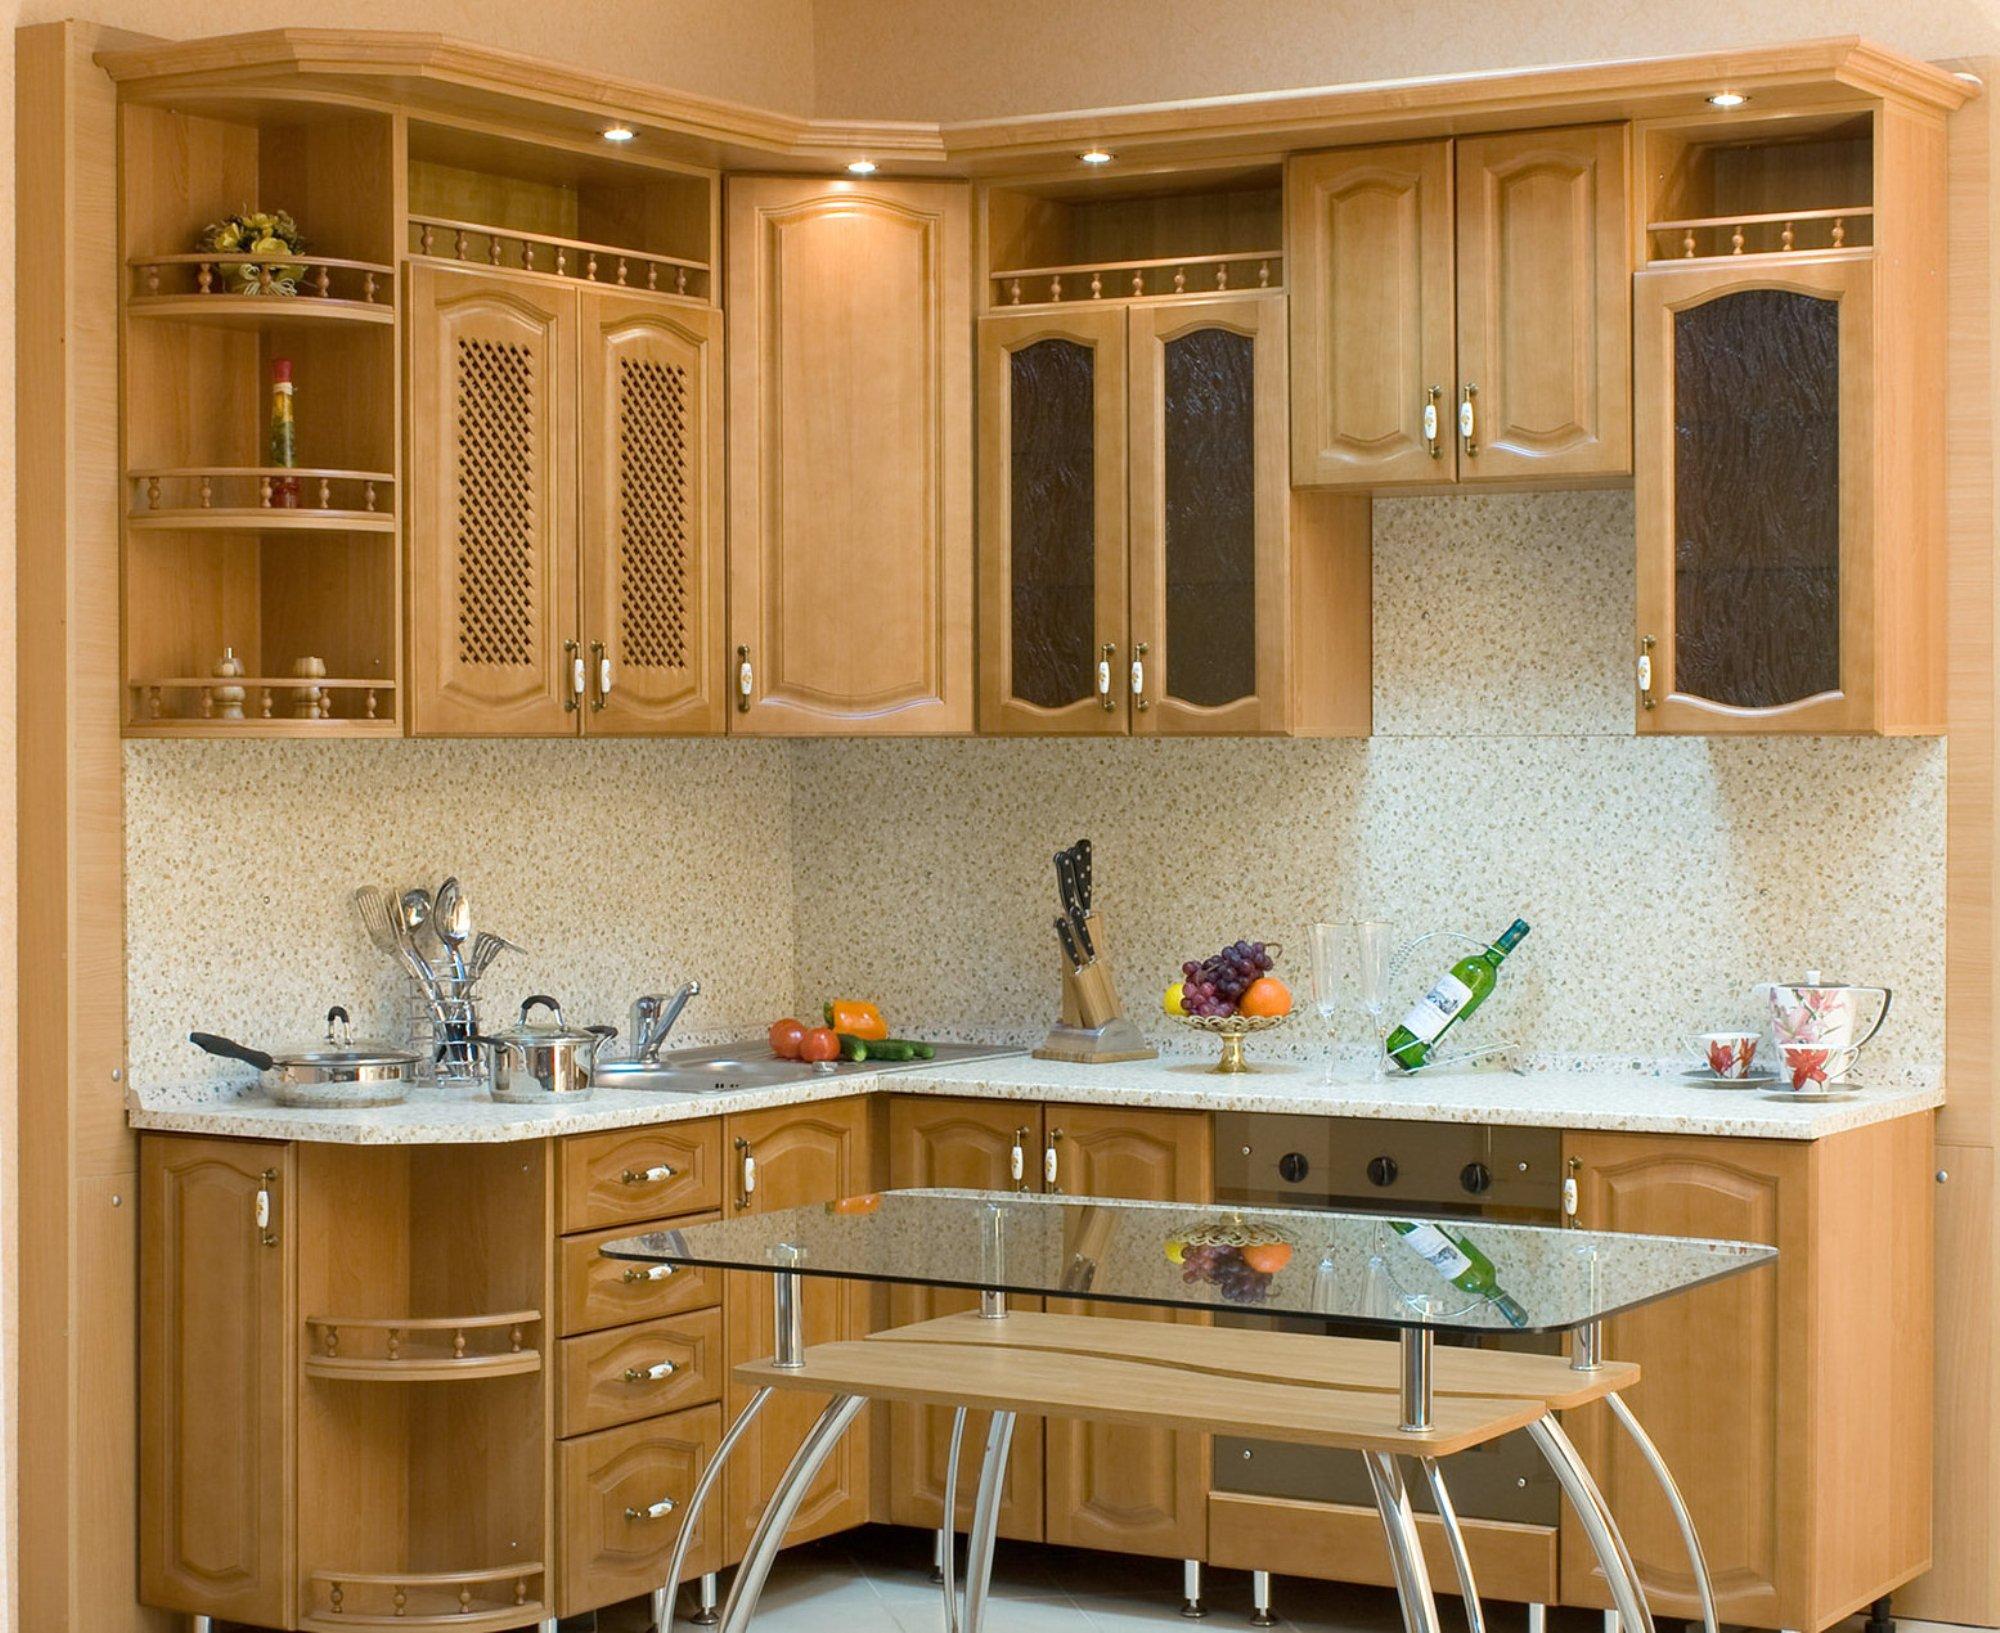 певица фото небольших угловых кухонь чем приступать работе